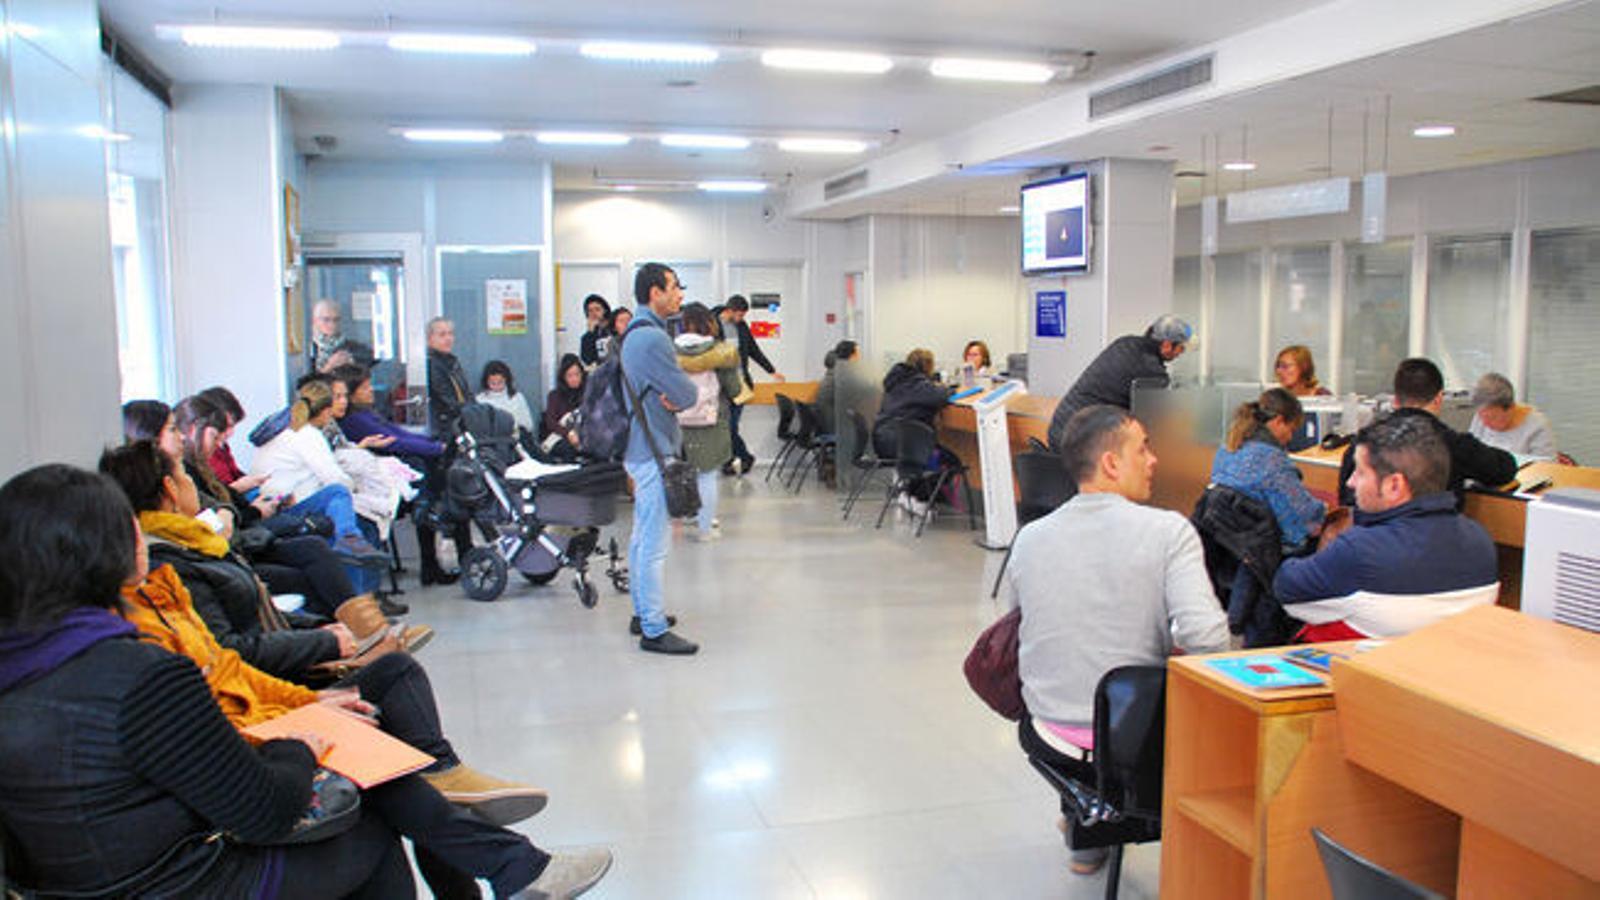 Temporers esperant el seu torn al servei d'immigració. / ARXIU ANA